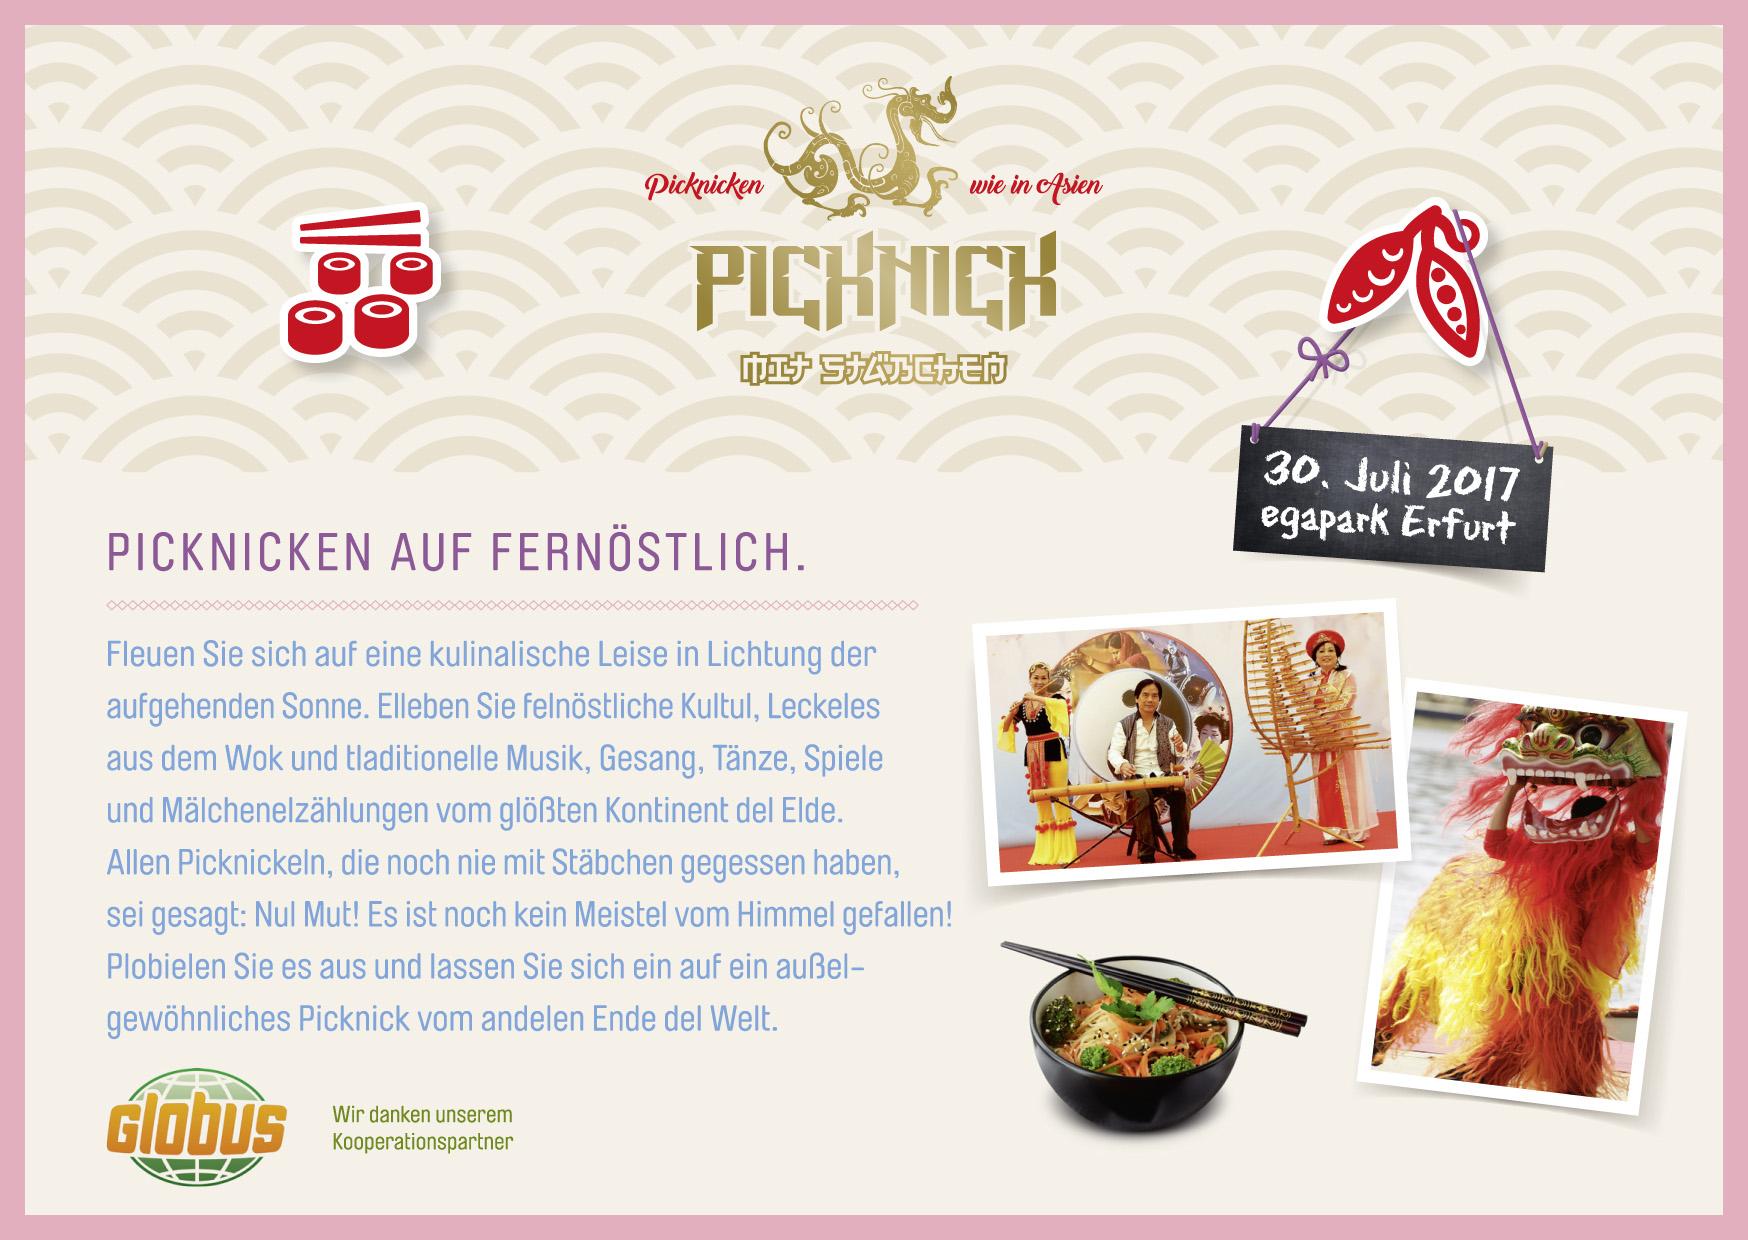 ega_picknick_flyer_11-2_1000px.jpg